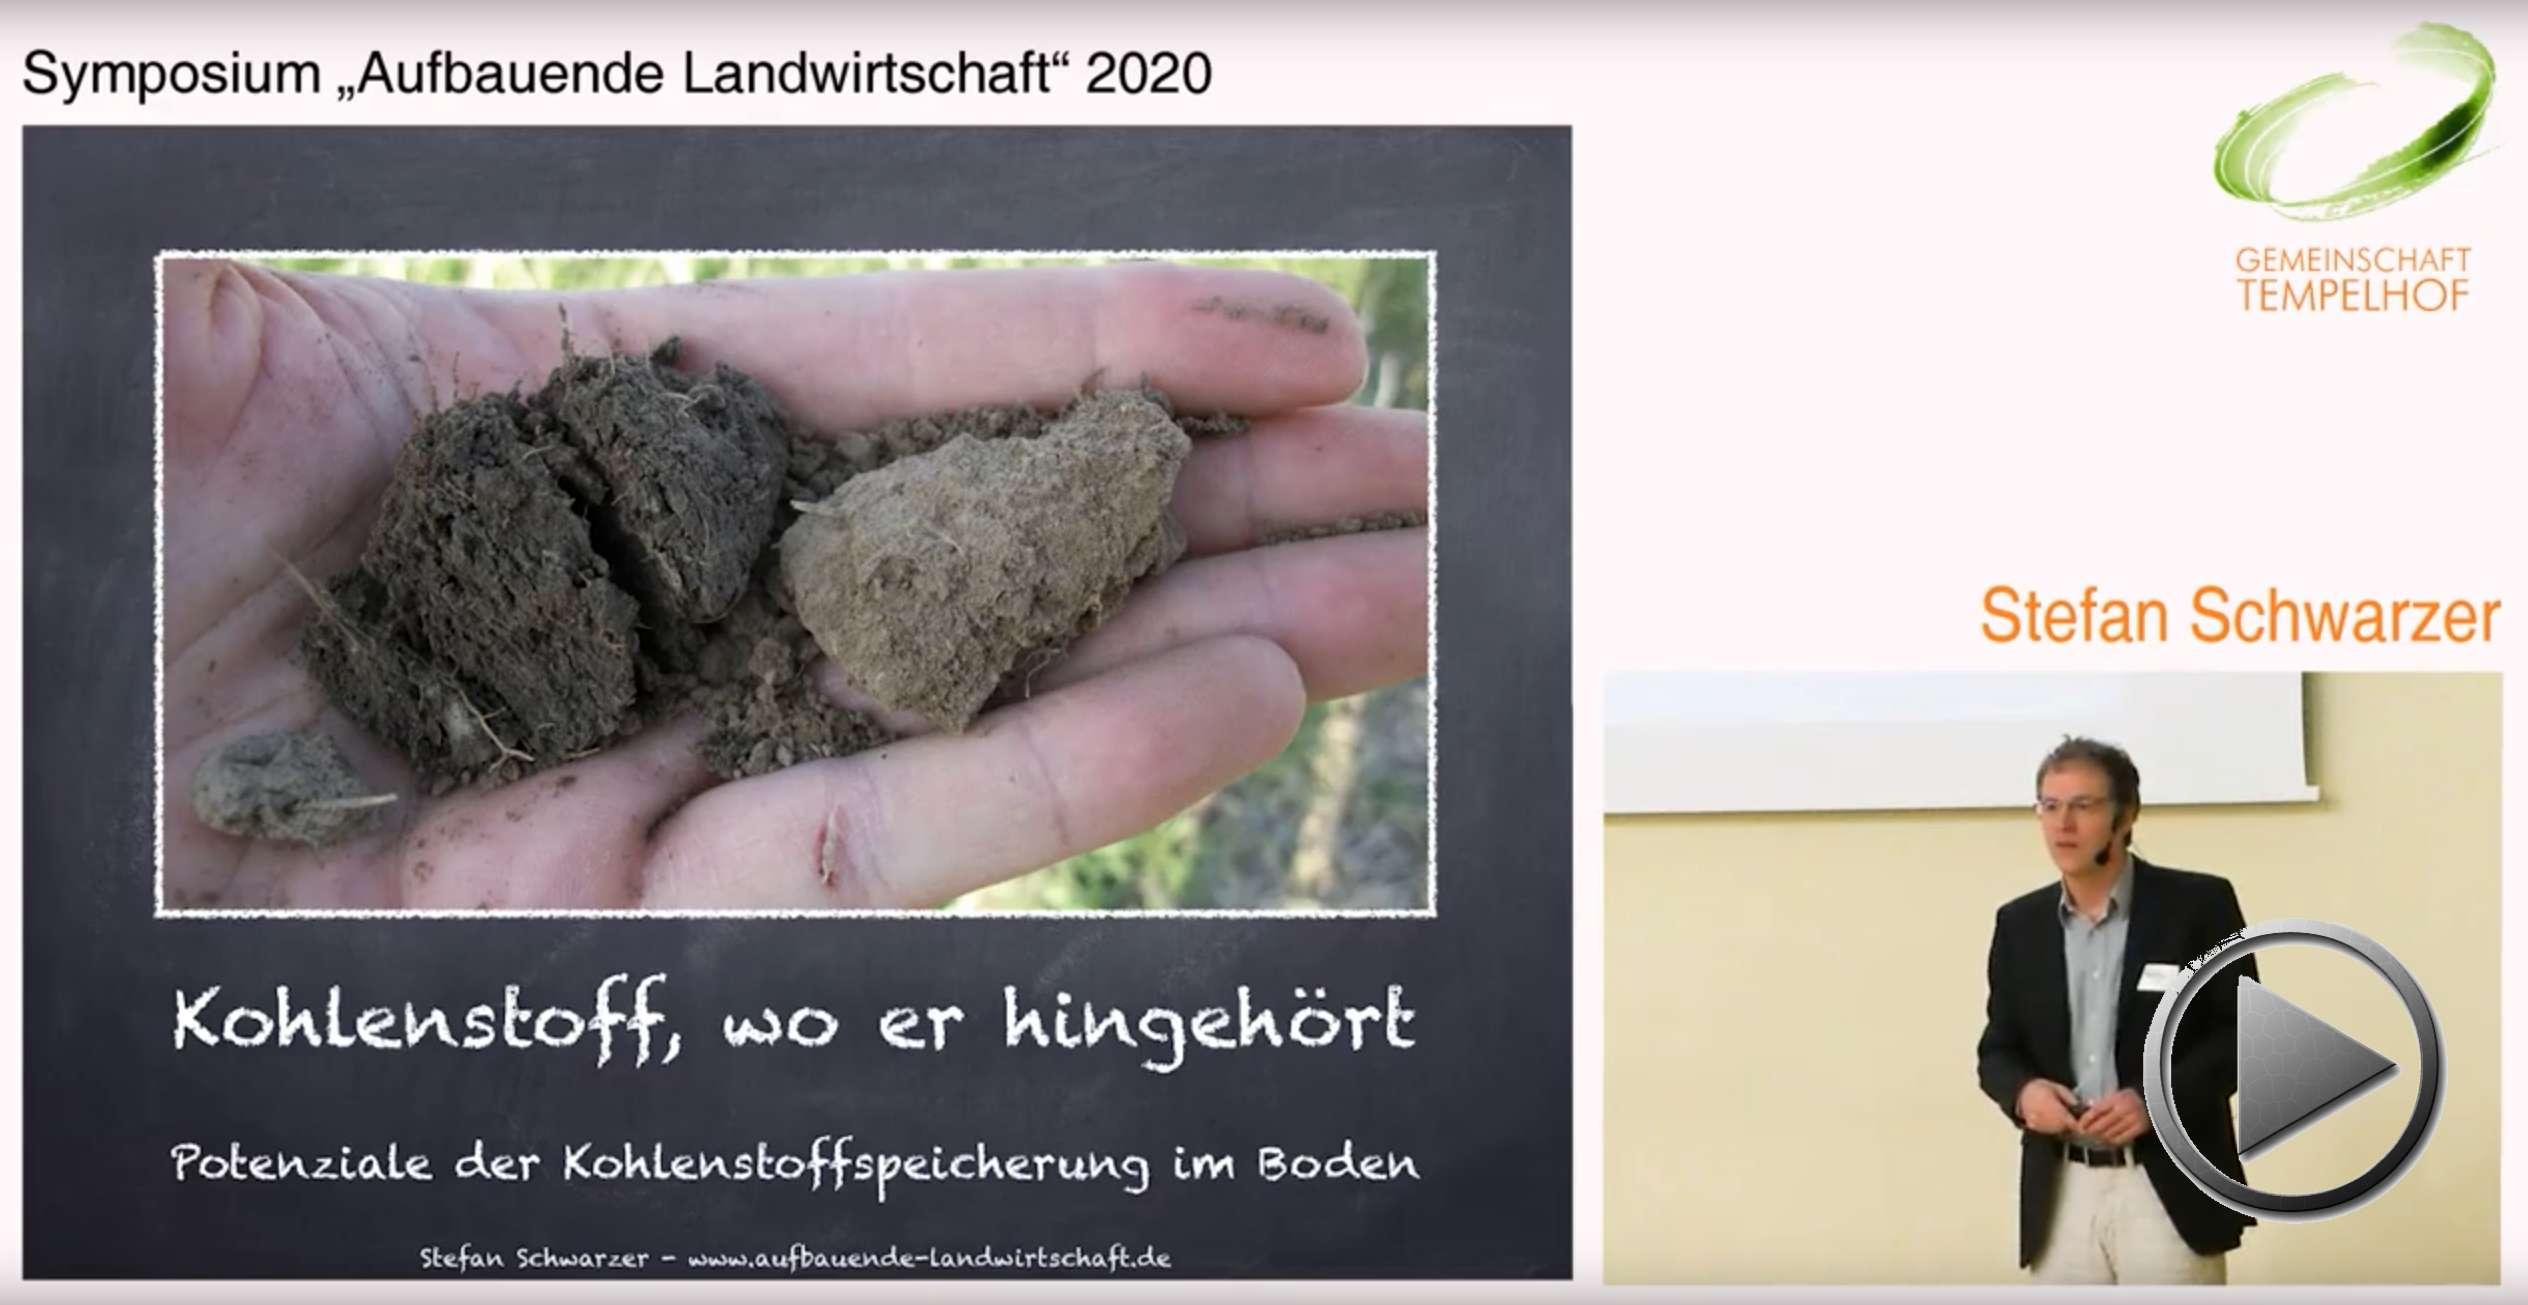 """Präsentation: Kohlenstoff, wo er hingehört. Potentiale der Kohlenstoffspeicherung im Boden. Stefan Schwarzer. Symposium """"Aufbauende Landwirtschaft"""" 2020"""